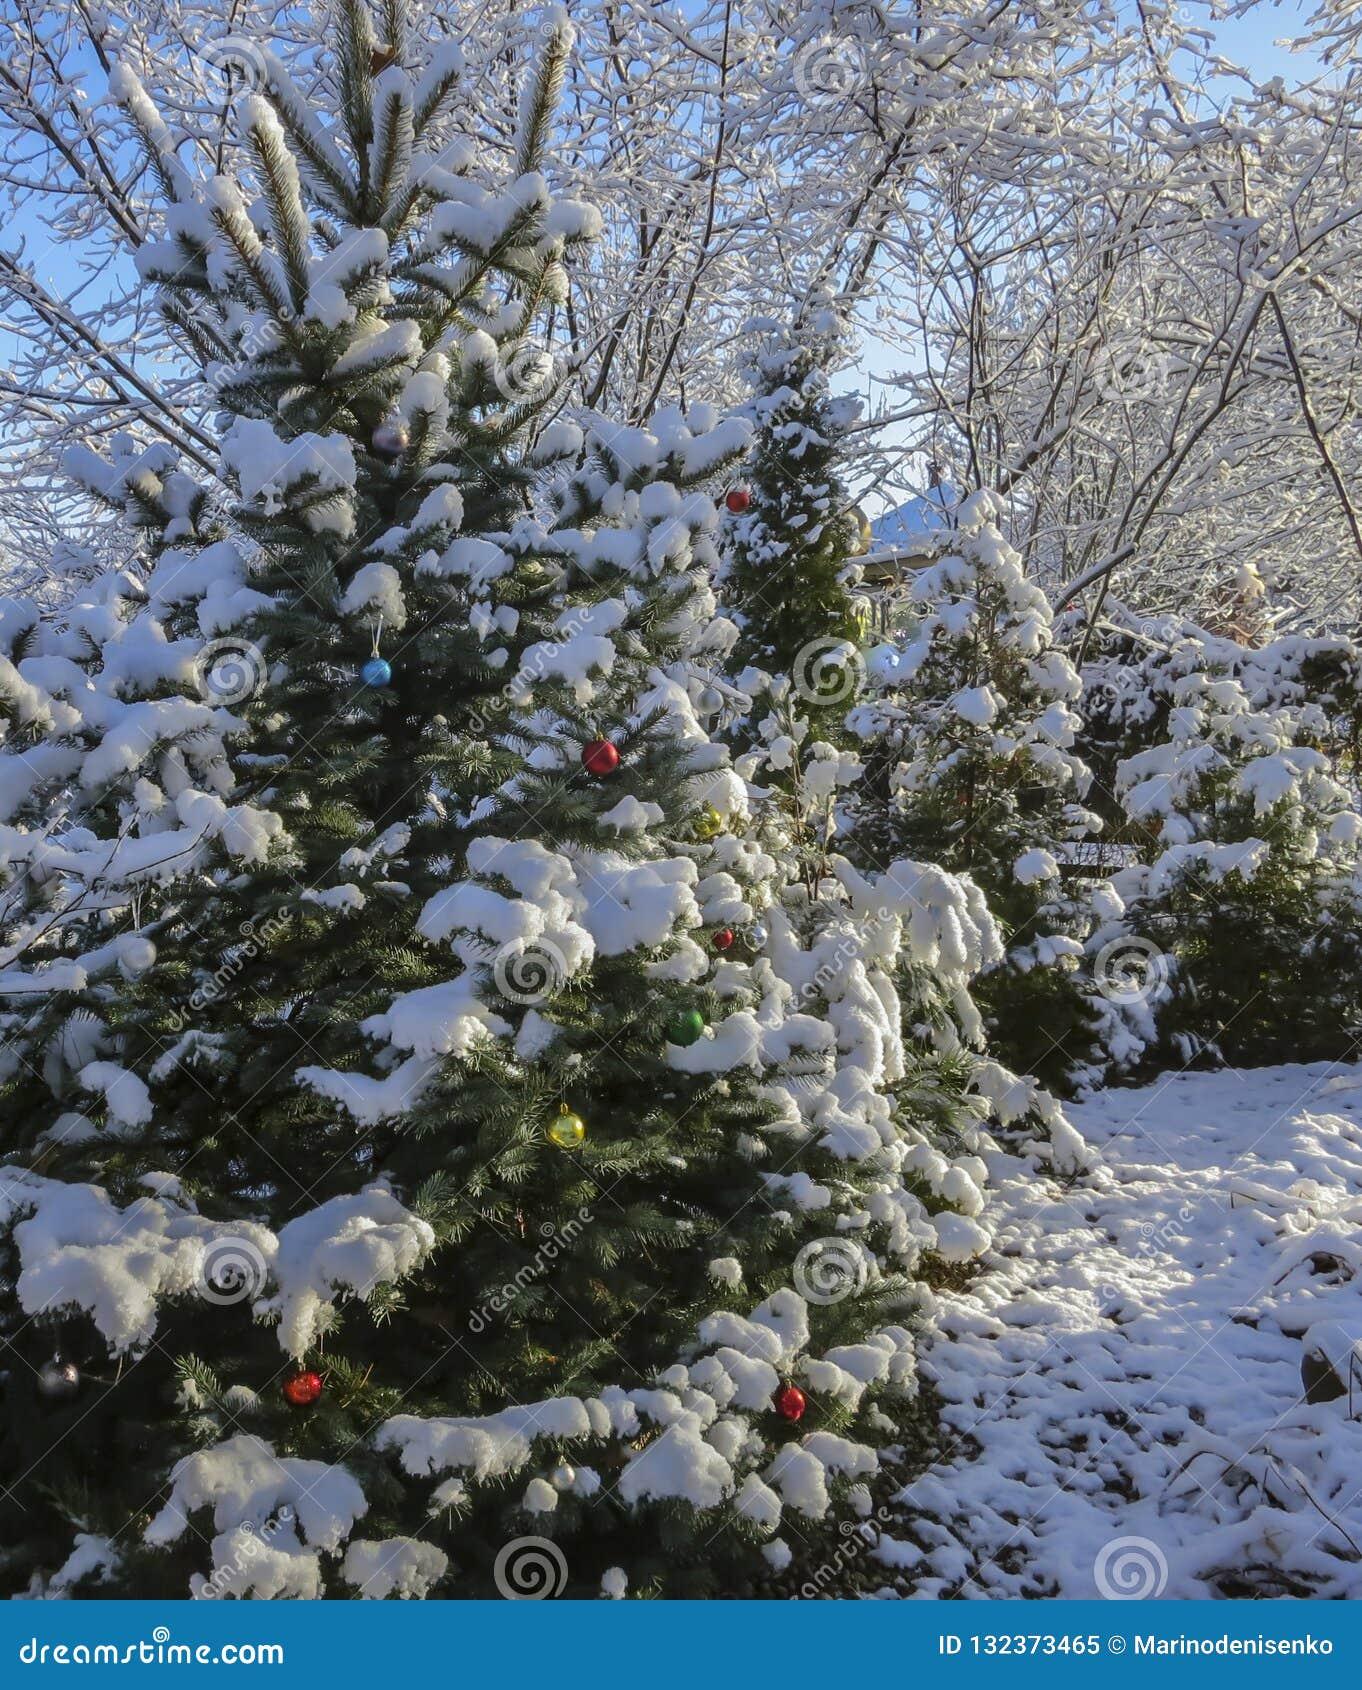 Рождественская елка в саде украшена с украшениями рождества, своими ветвями и иглами